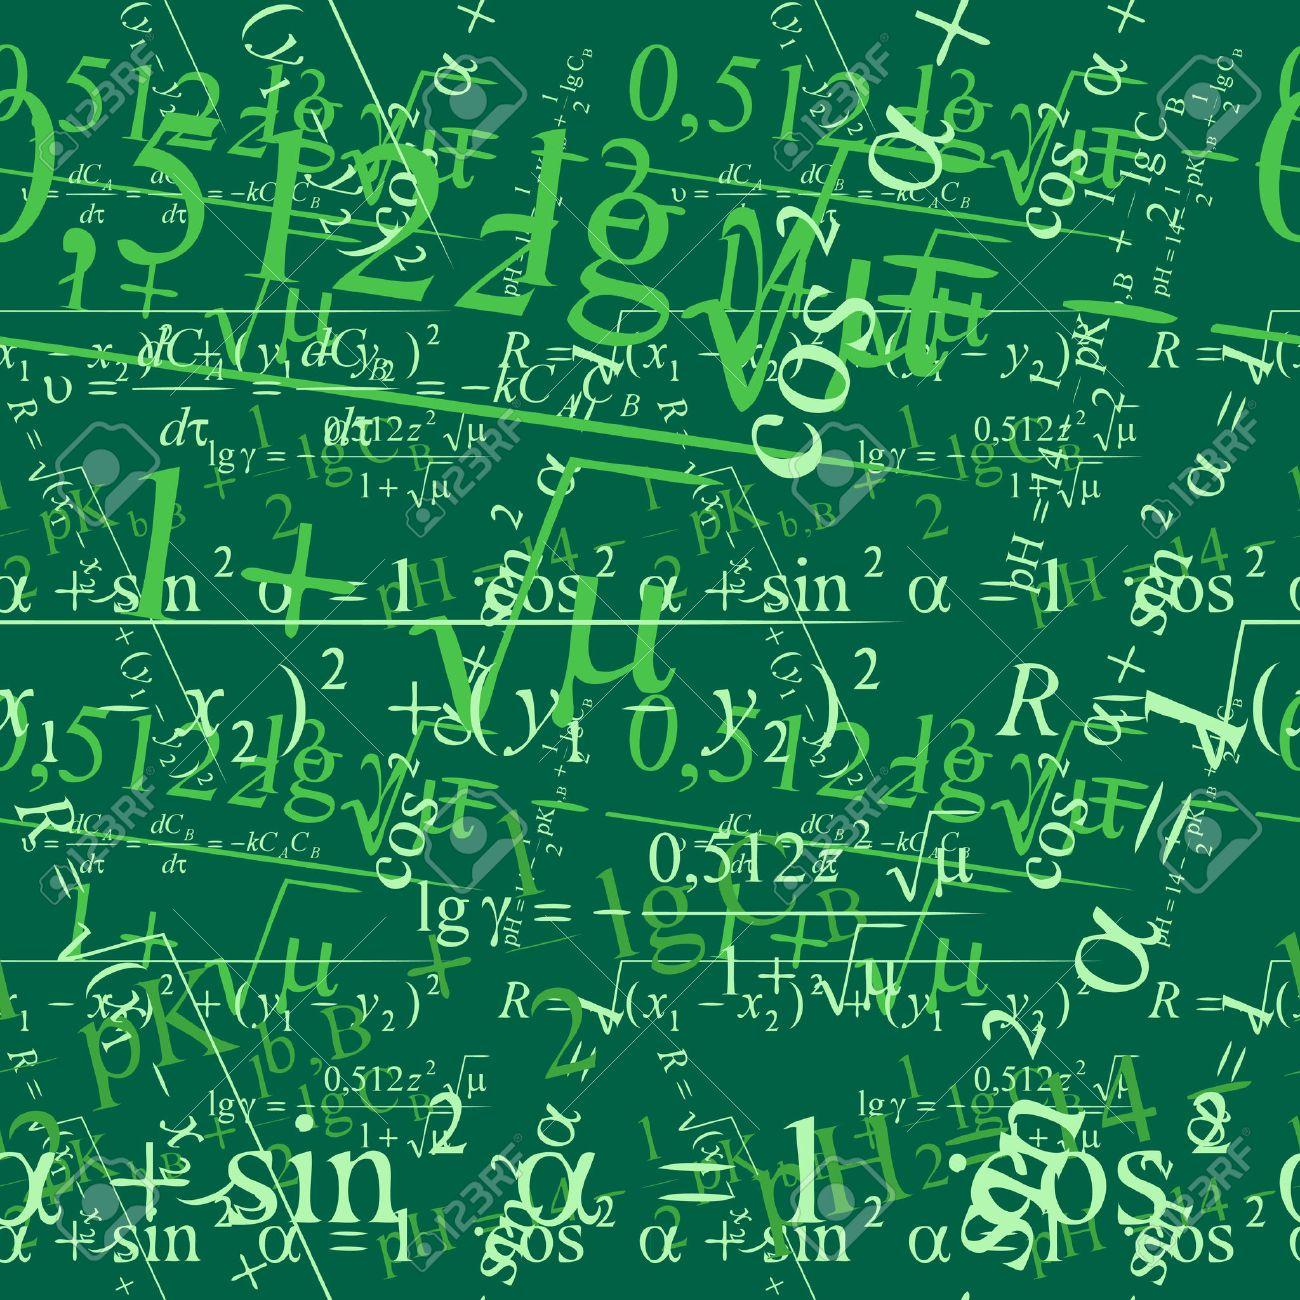 シームレスに黒板に壁紙数学をベクトルします のイラスト素材 ベクタ